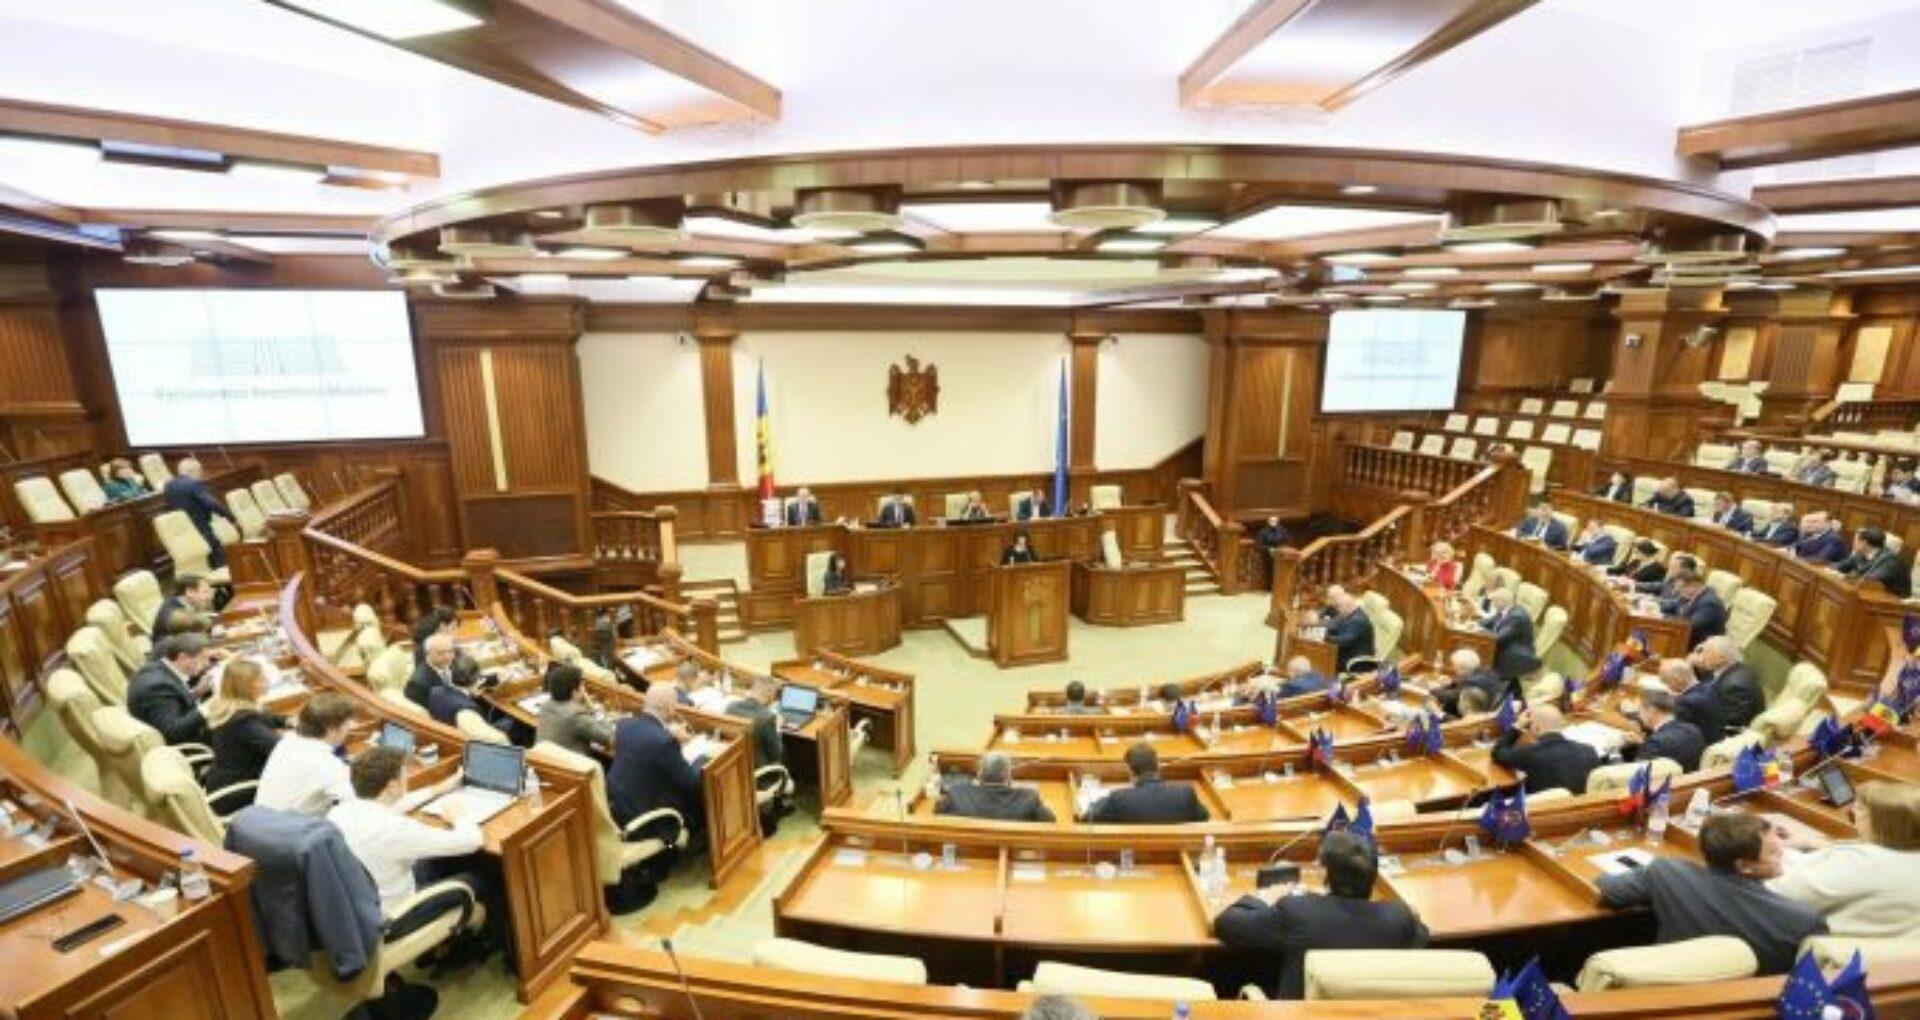 Cum argumentează reprezentanții Parlamentului necesitatea procurării a 110 tablete pentru deputați